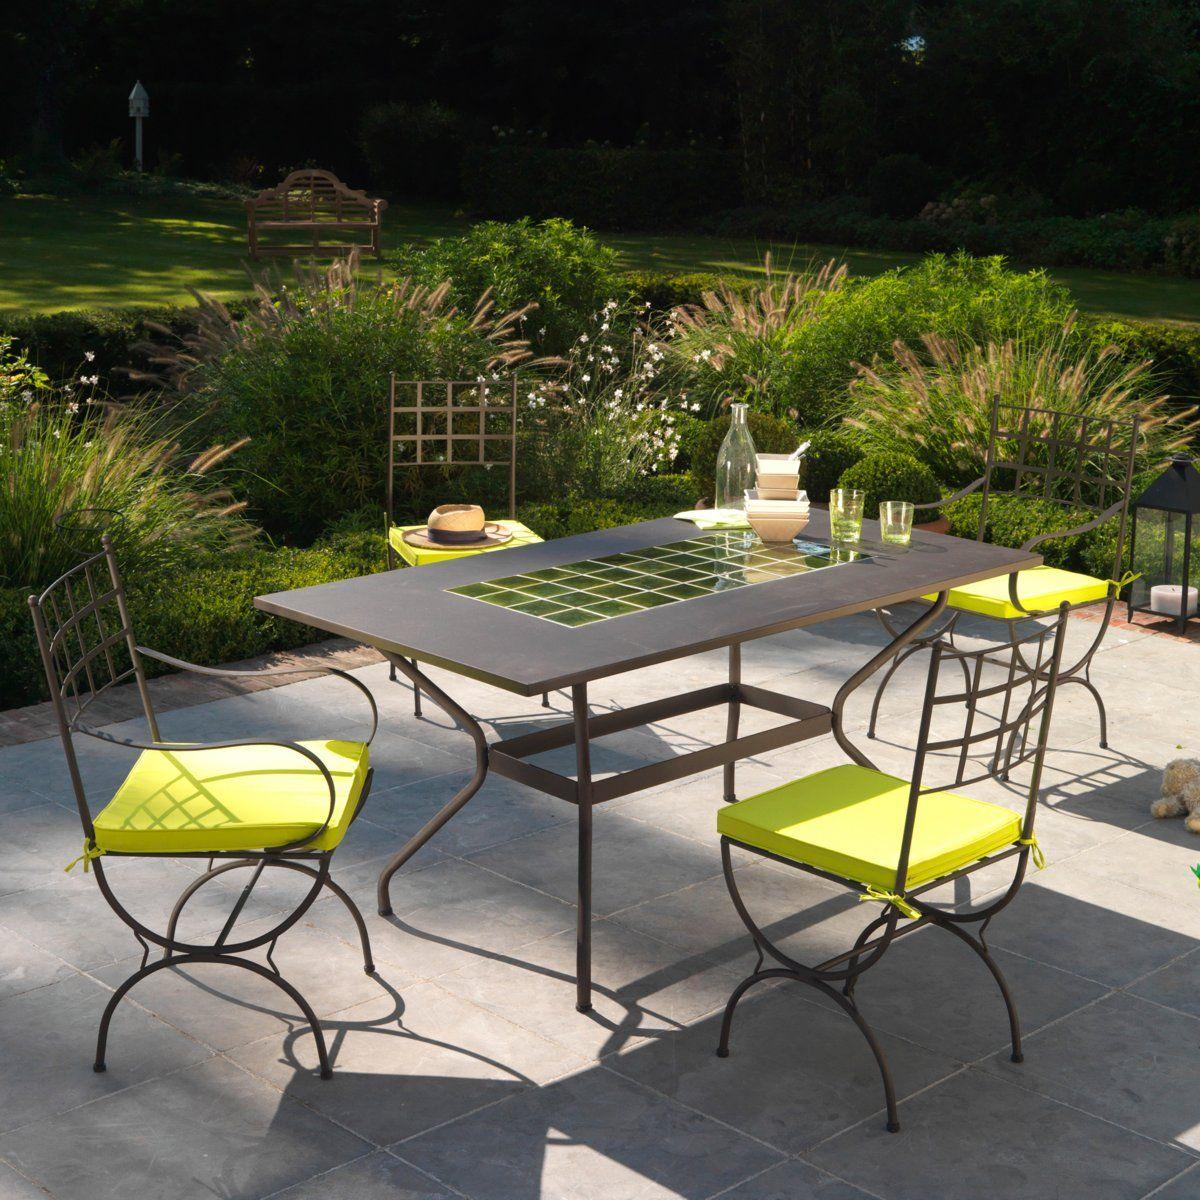 table de jardin fer forg et cramique 6 8 couverts prix promo la redoute 32999 ttc - Promo Table De Jardin